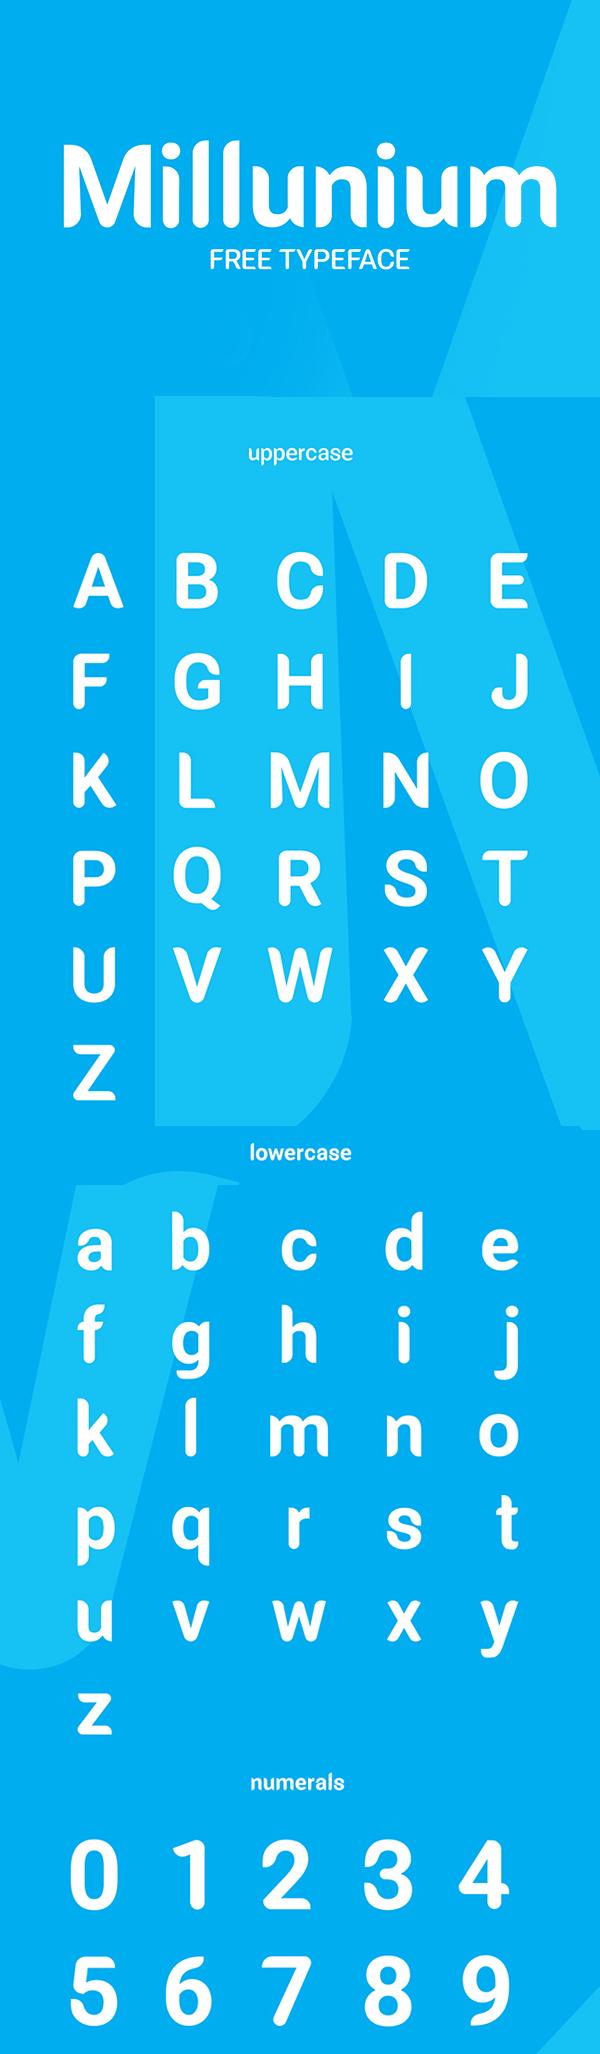 18 Millunium Free Font